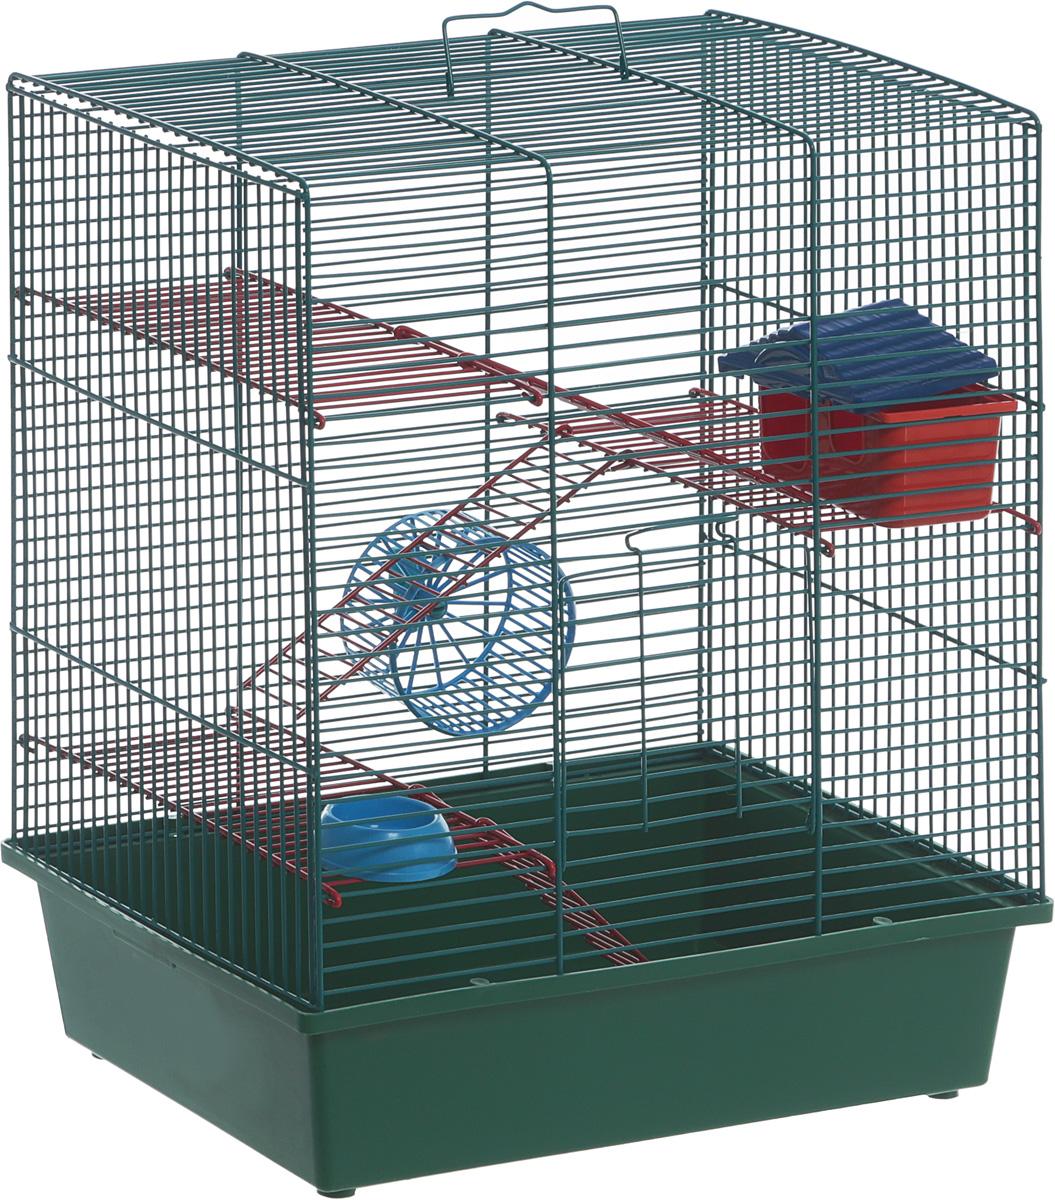 Клетка для грызунов Велес Lusy Hamster-4к, 4-этажная, цвет: зеленый, бирюзовый, 35 х 26 х 45 см клетка для грызунов i p t s mini с игровым комплексом 32 см х 20 см х 24 см